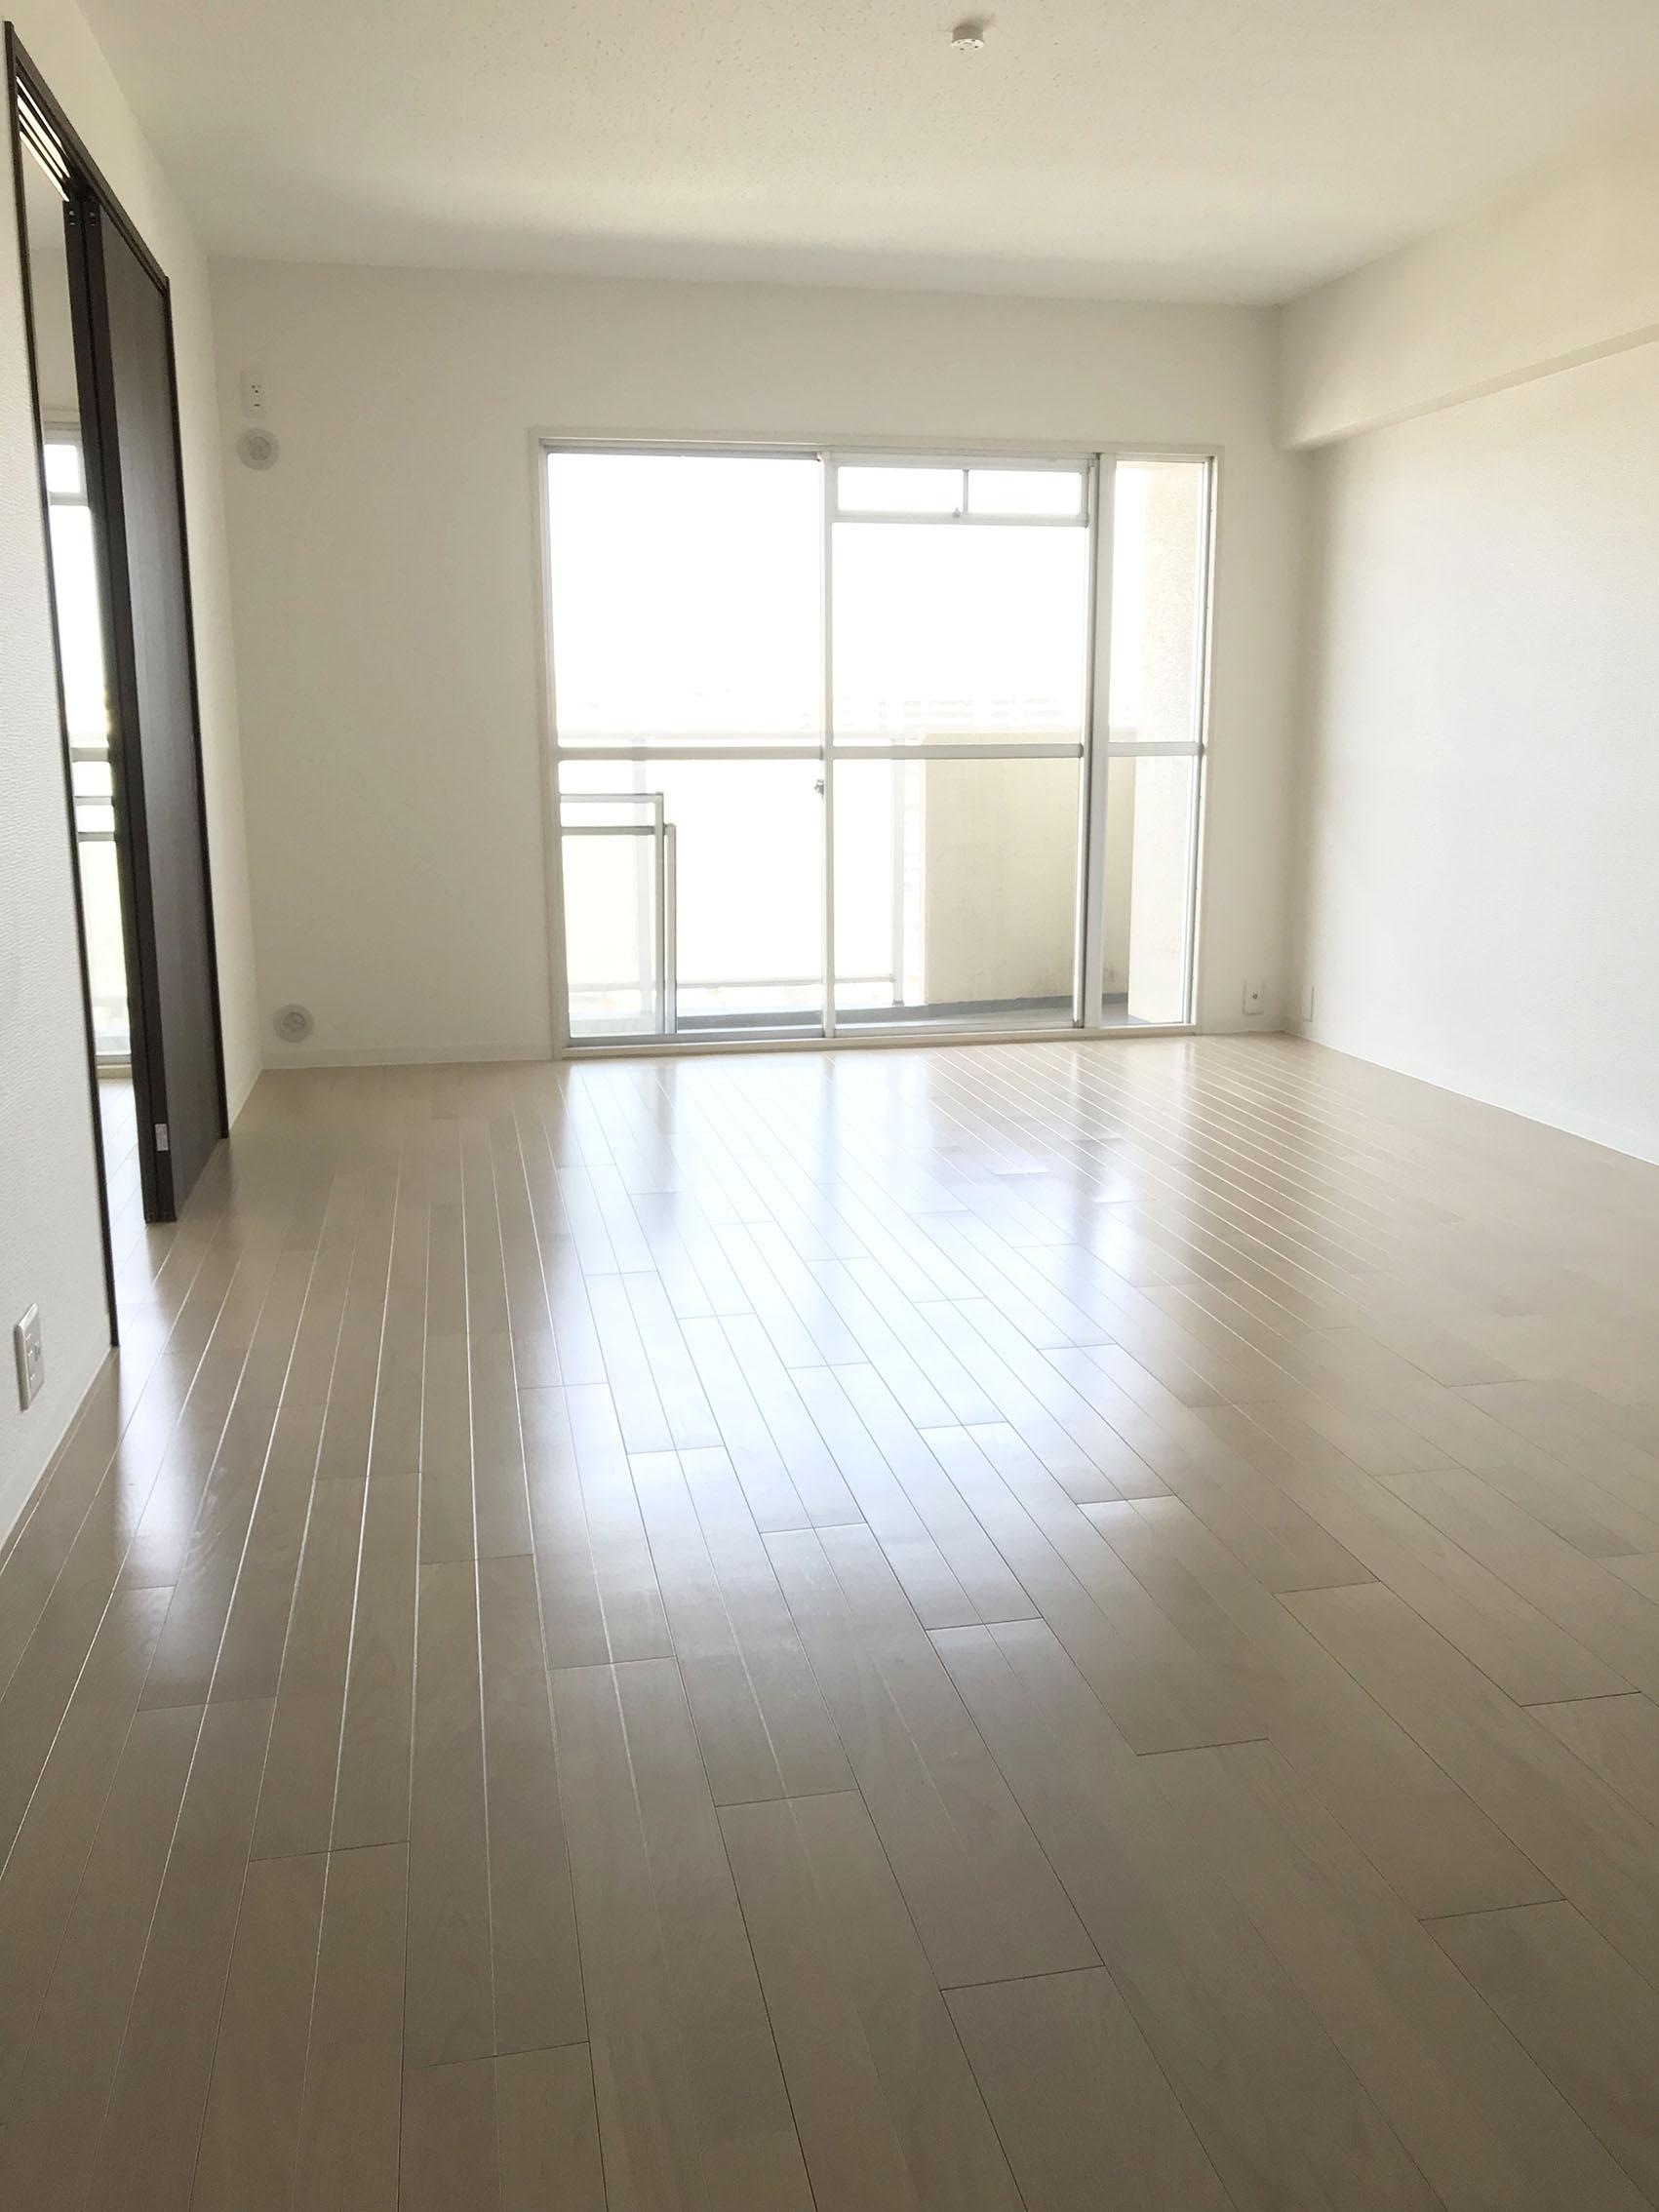 広々LDK 壁と床がホワイト中心なので、広々感じます。